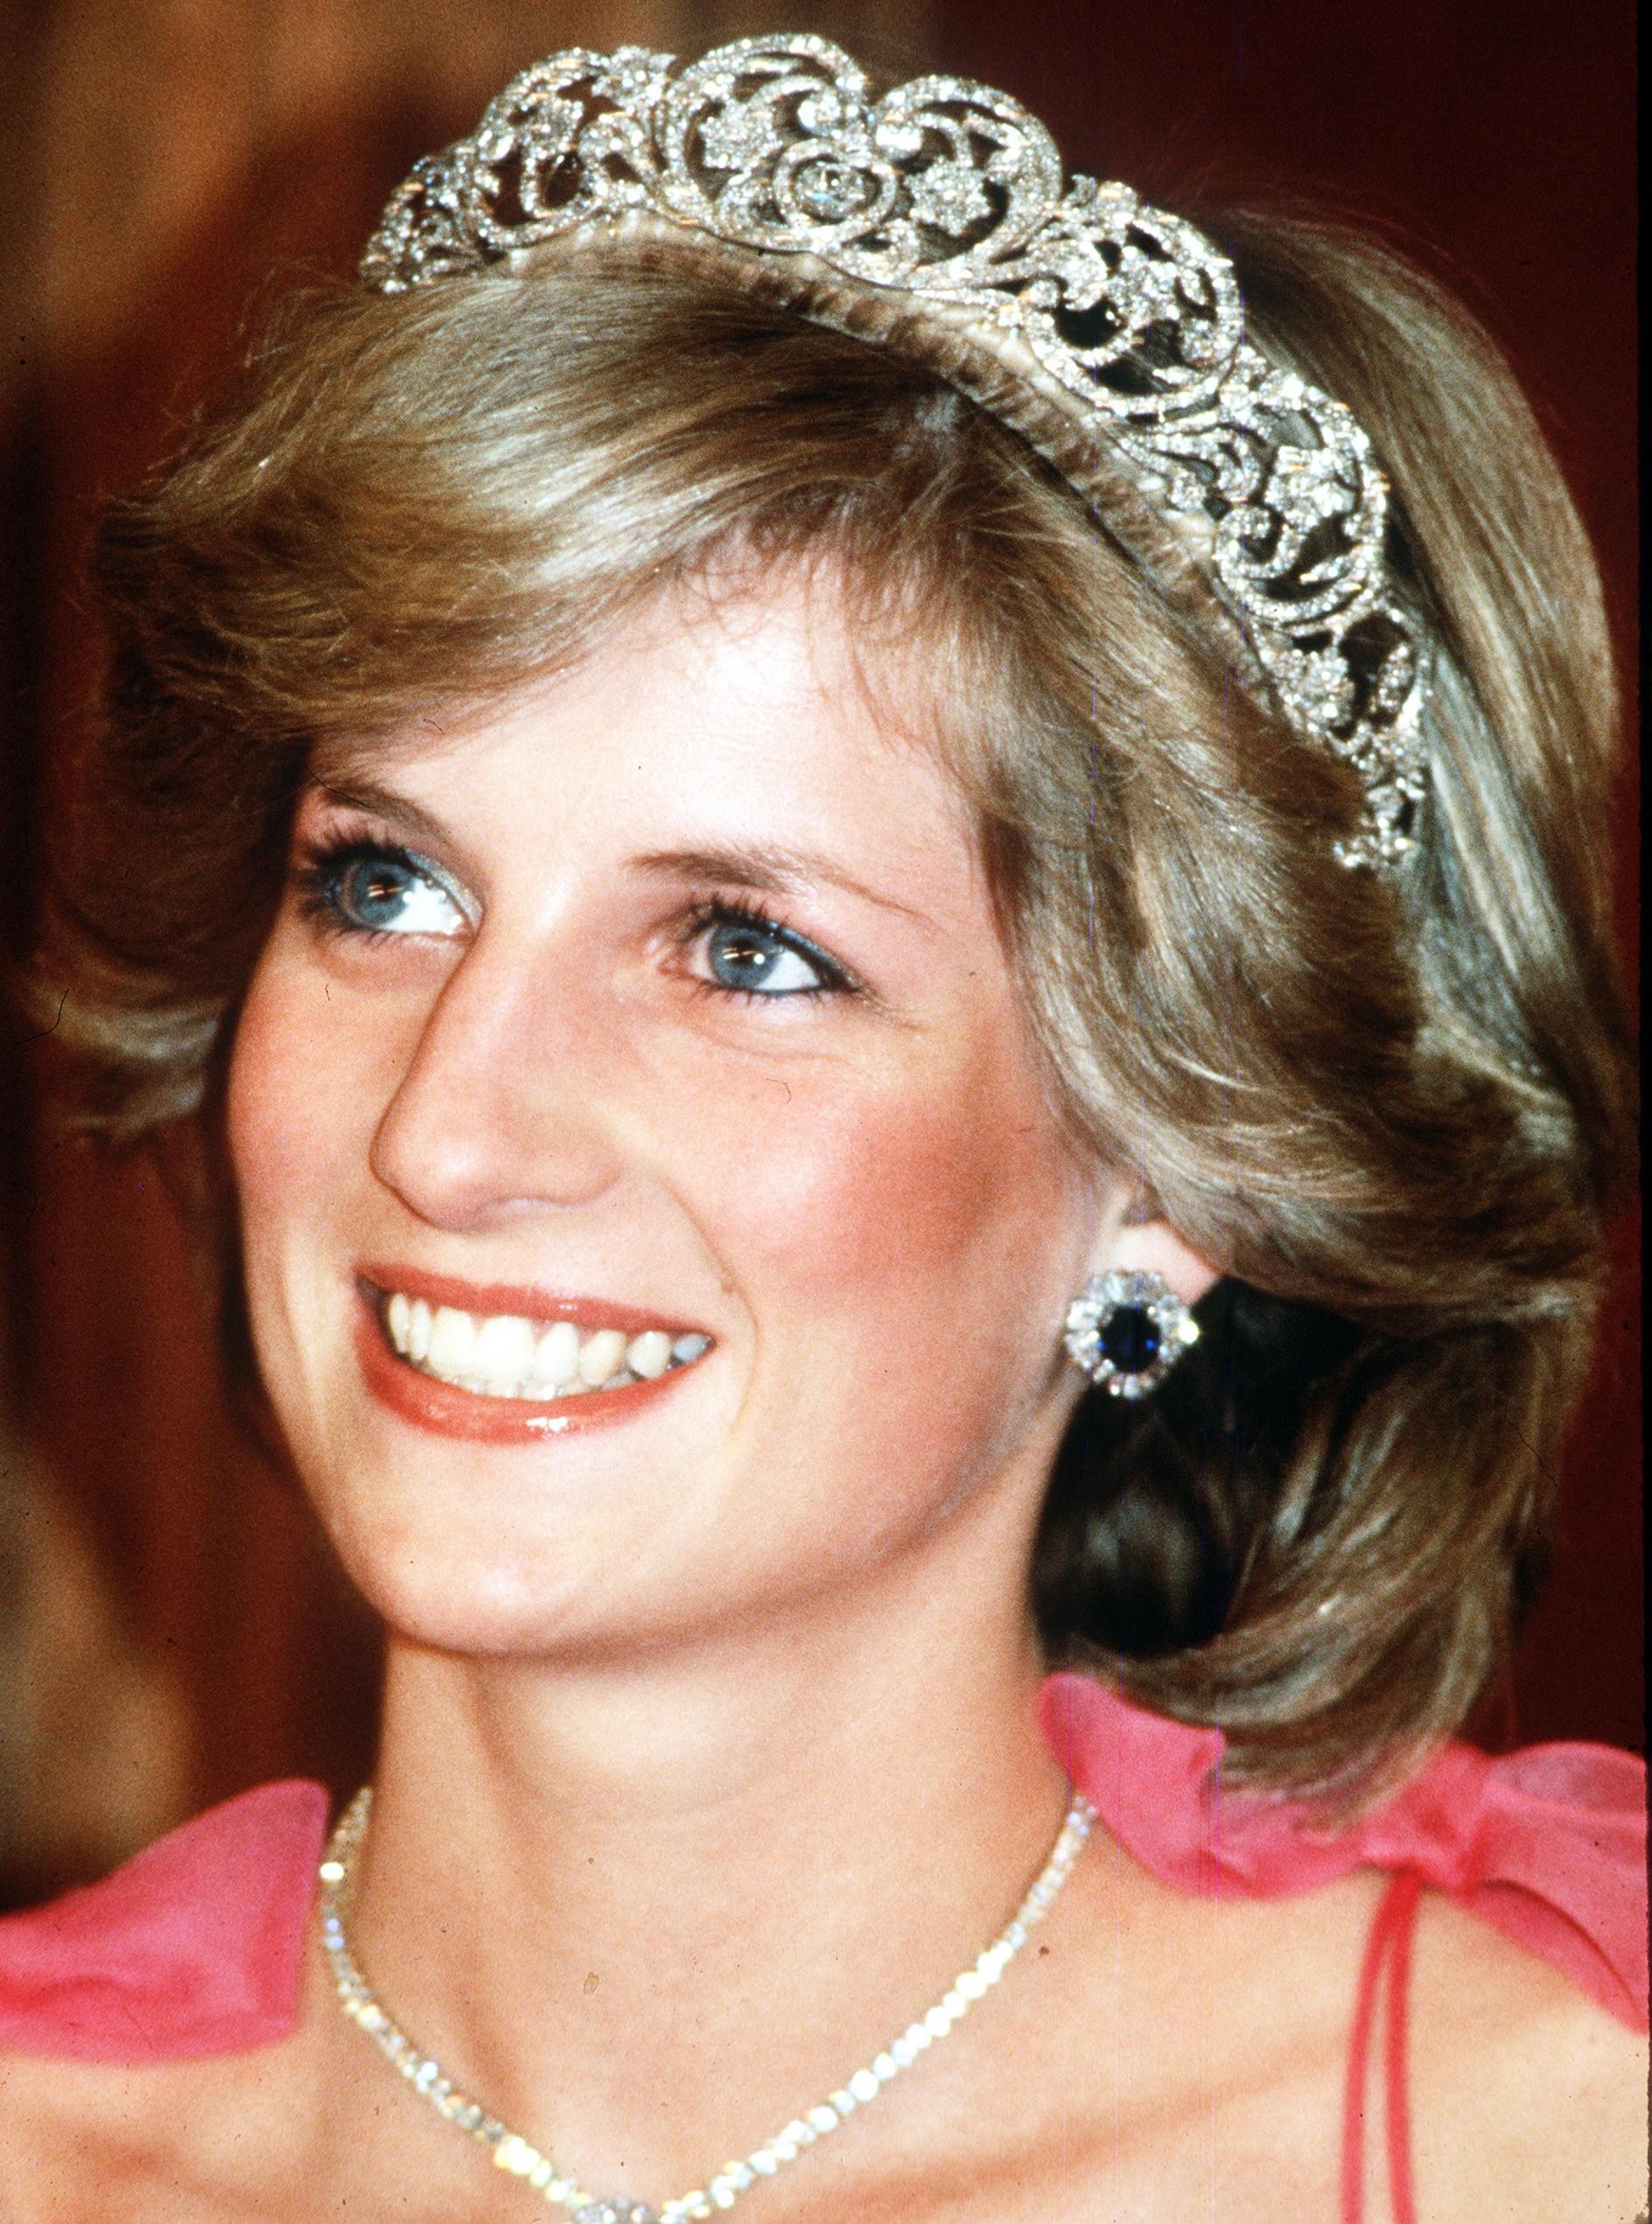 Xuất hiện ở đâu là tỏa sáng ở đó, thì ra Công nương Diana cũng có bí quyết chăm sóc sắc đẹp đến bây giờ vẫn đáng để học hỏi - Ảnh 4.